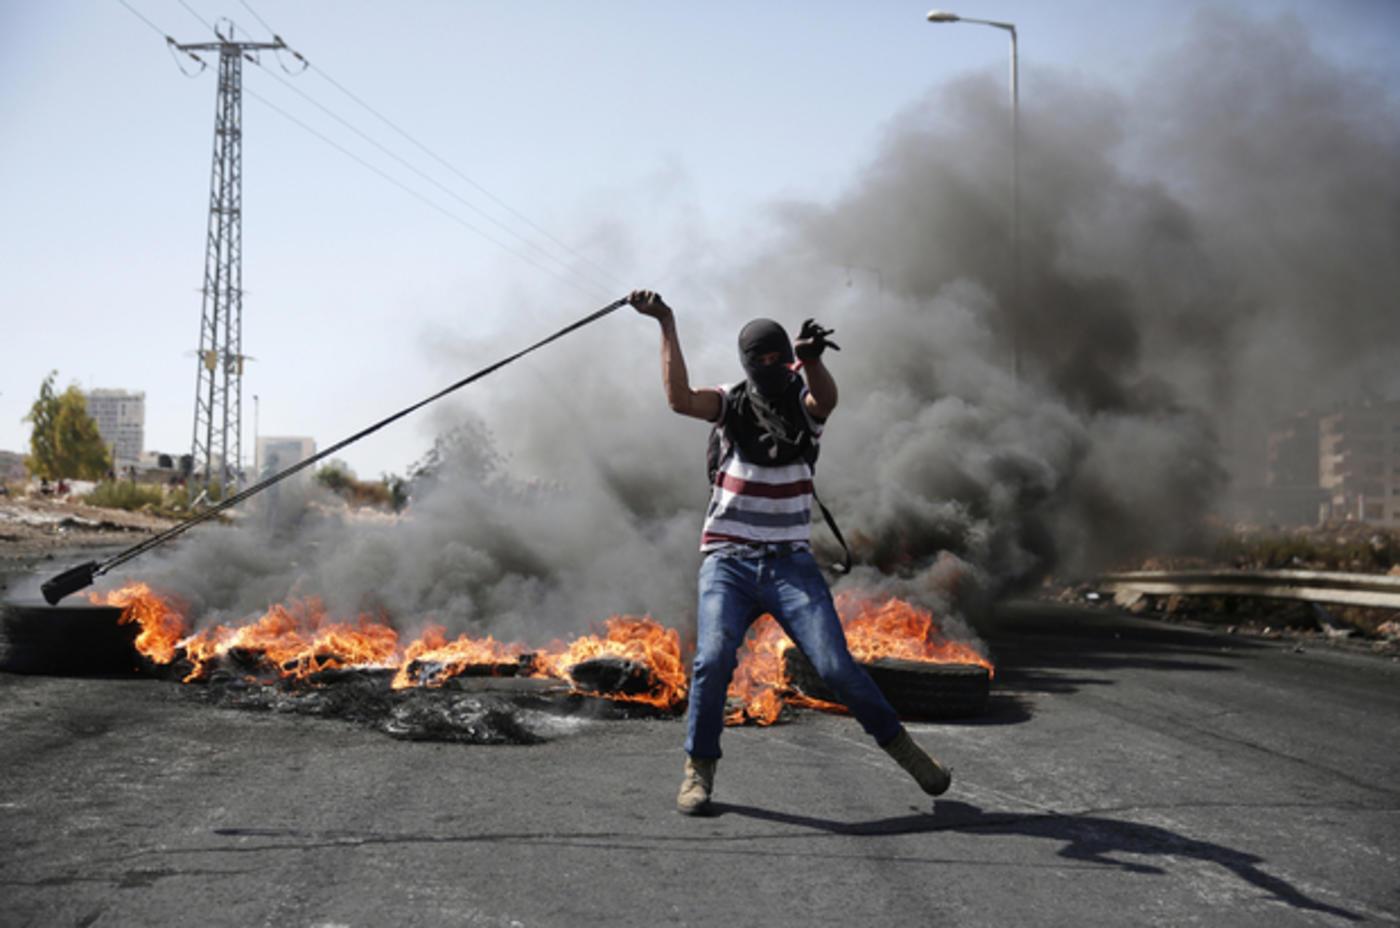 Une nouvelle intifada pour une nouvelle génération | Middle East Eye  édition française